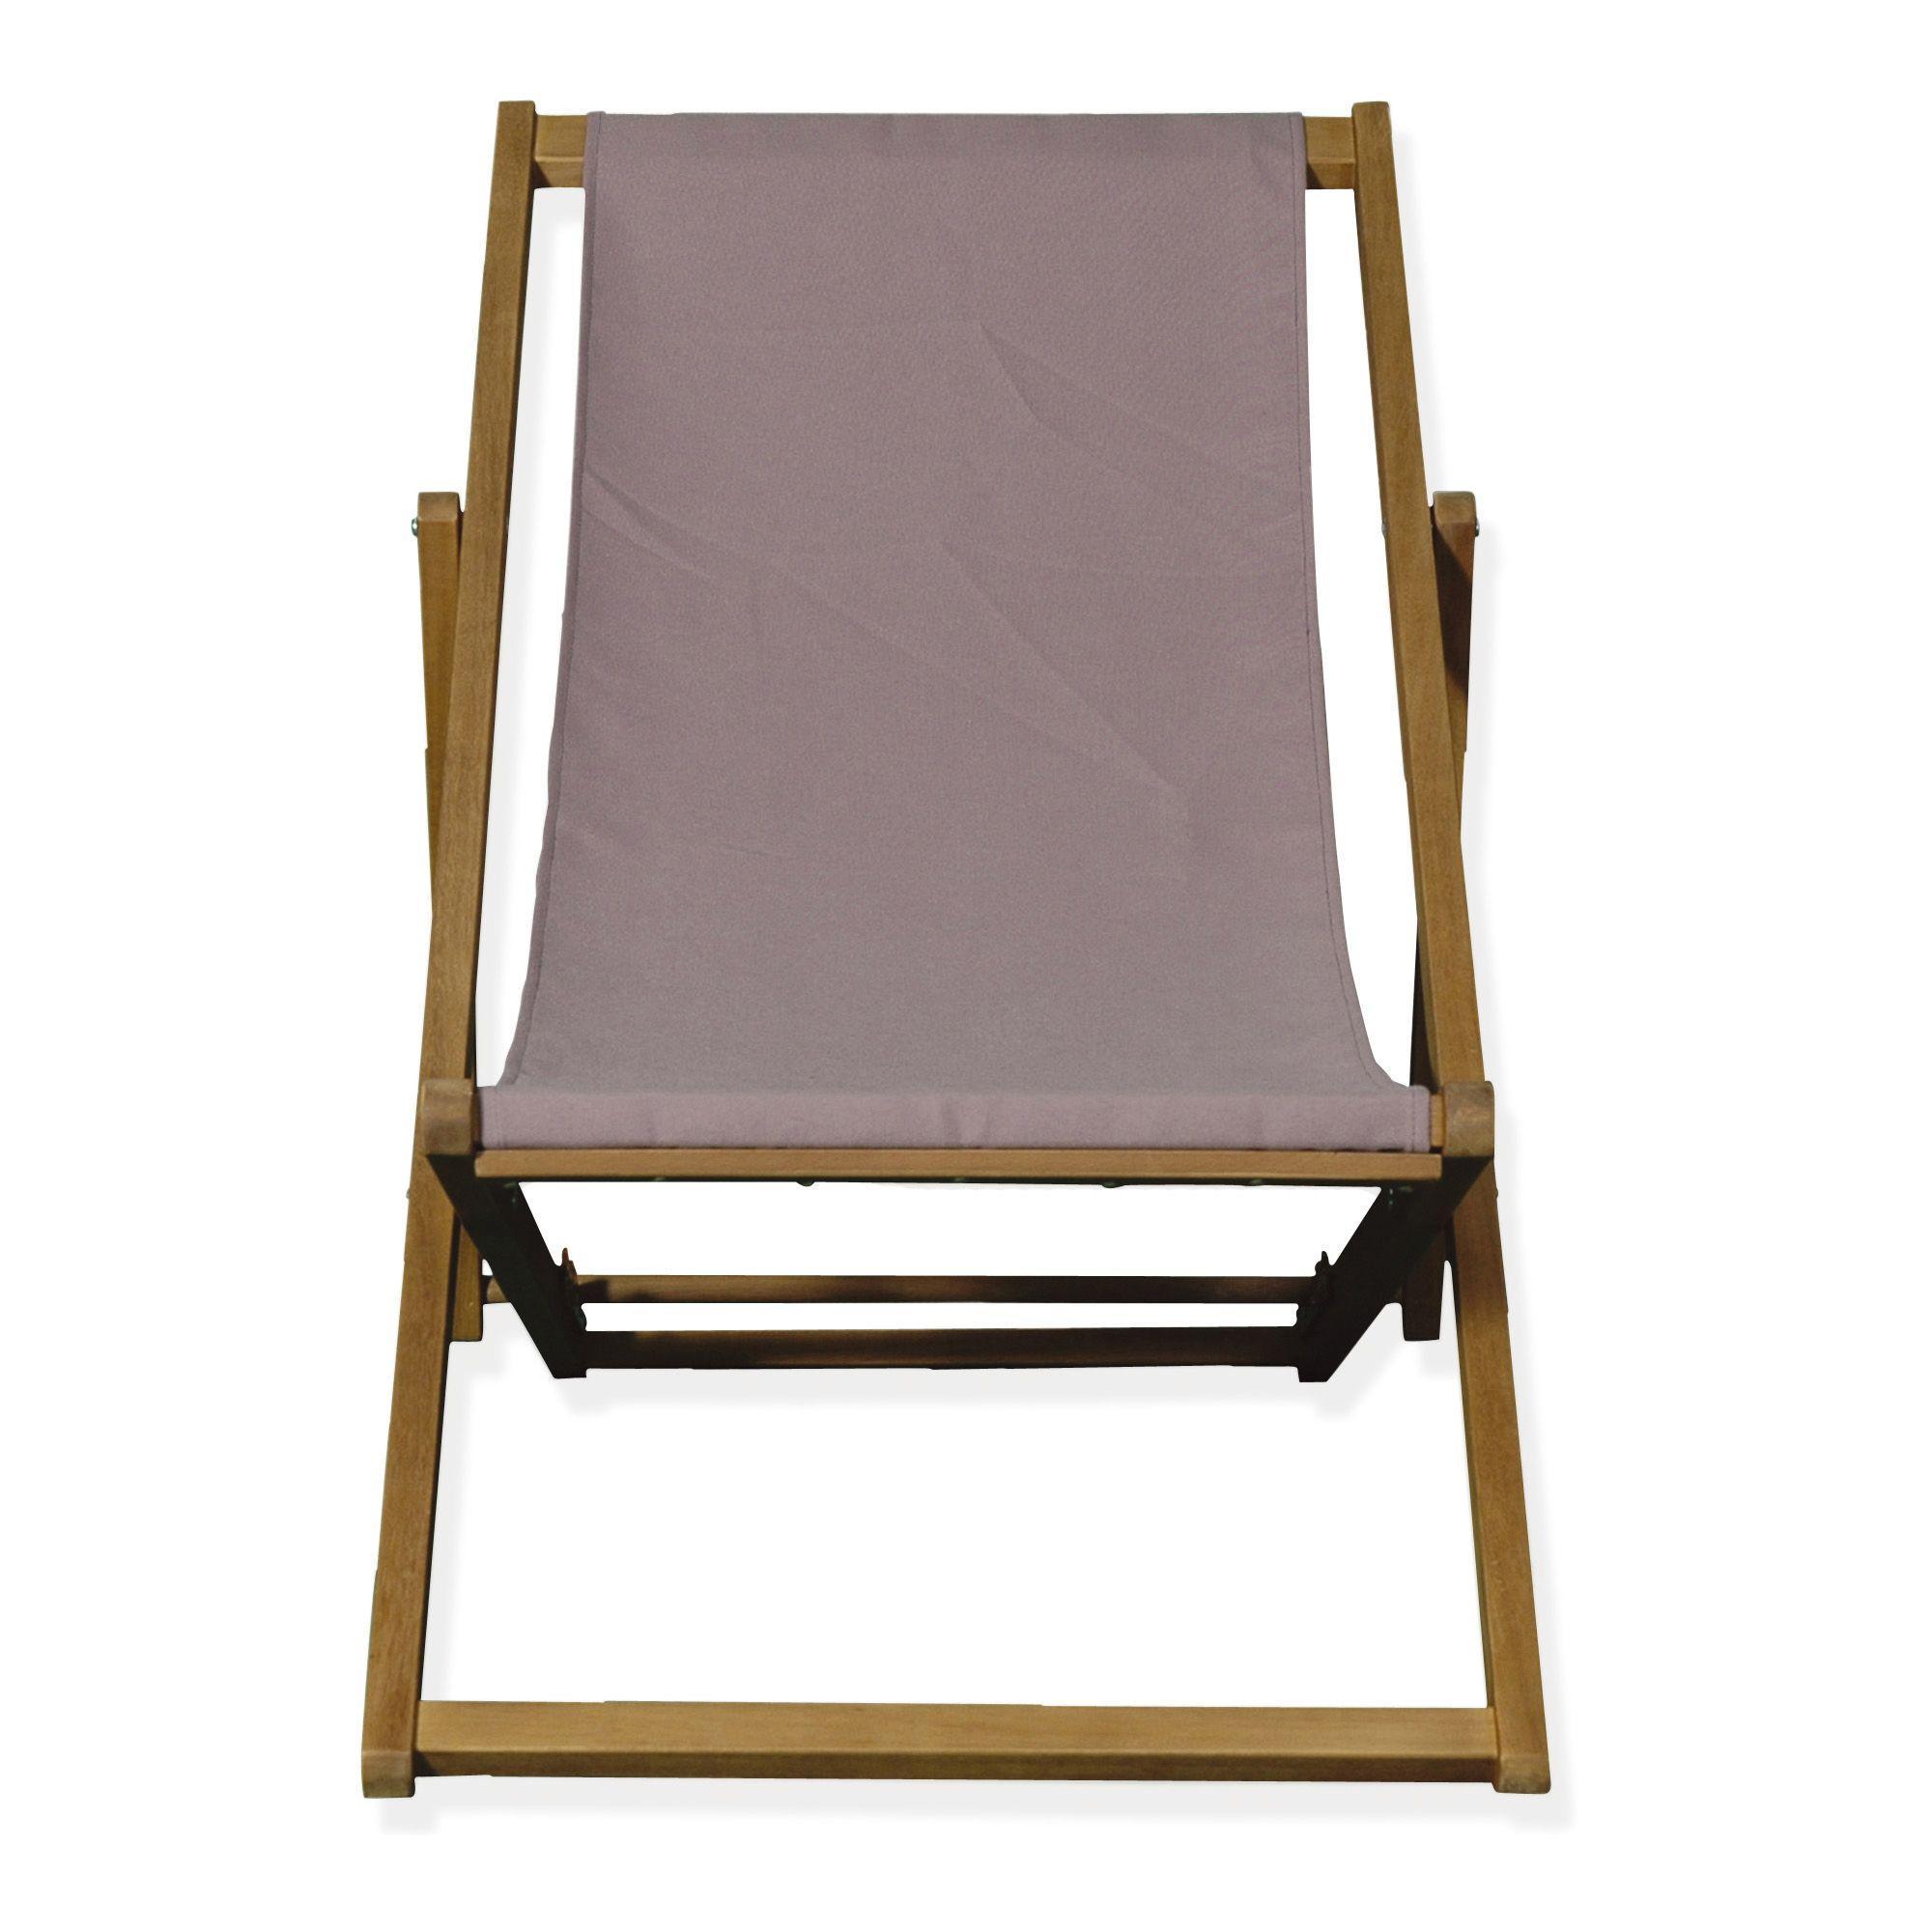 Chaise longue de jardin - différents coloris